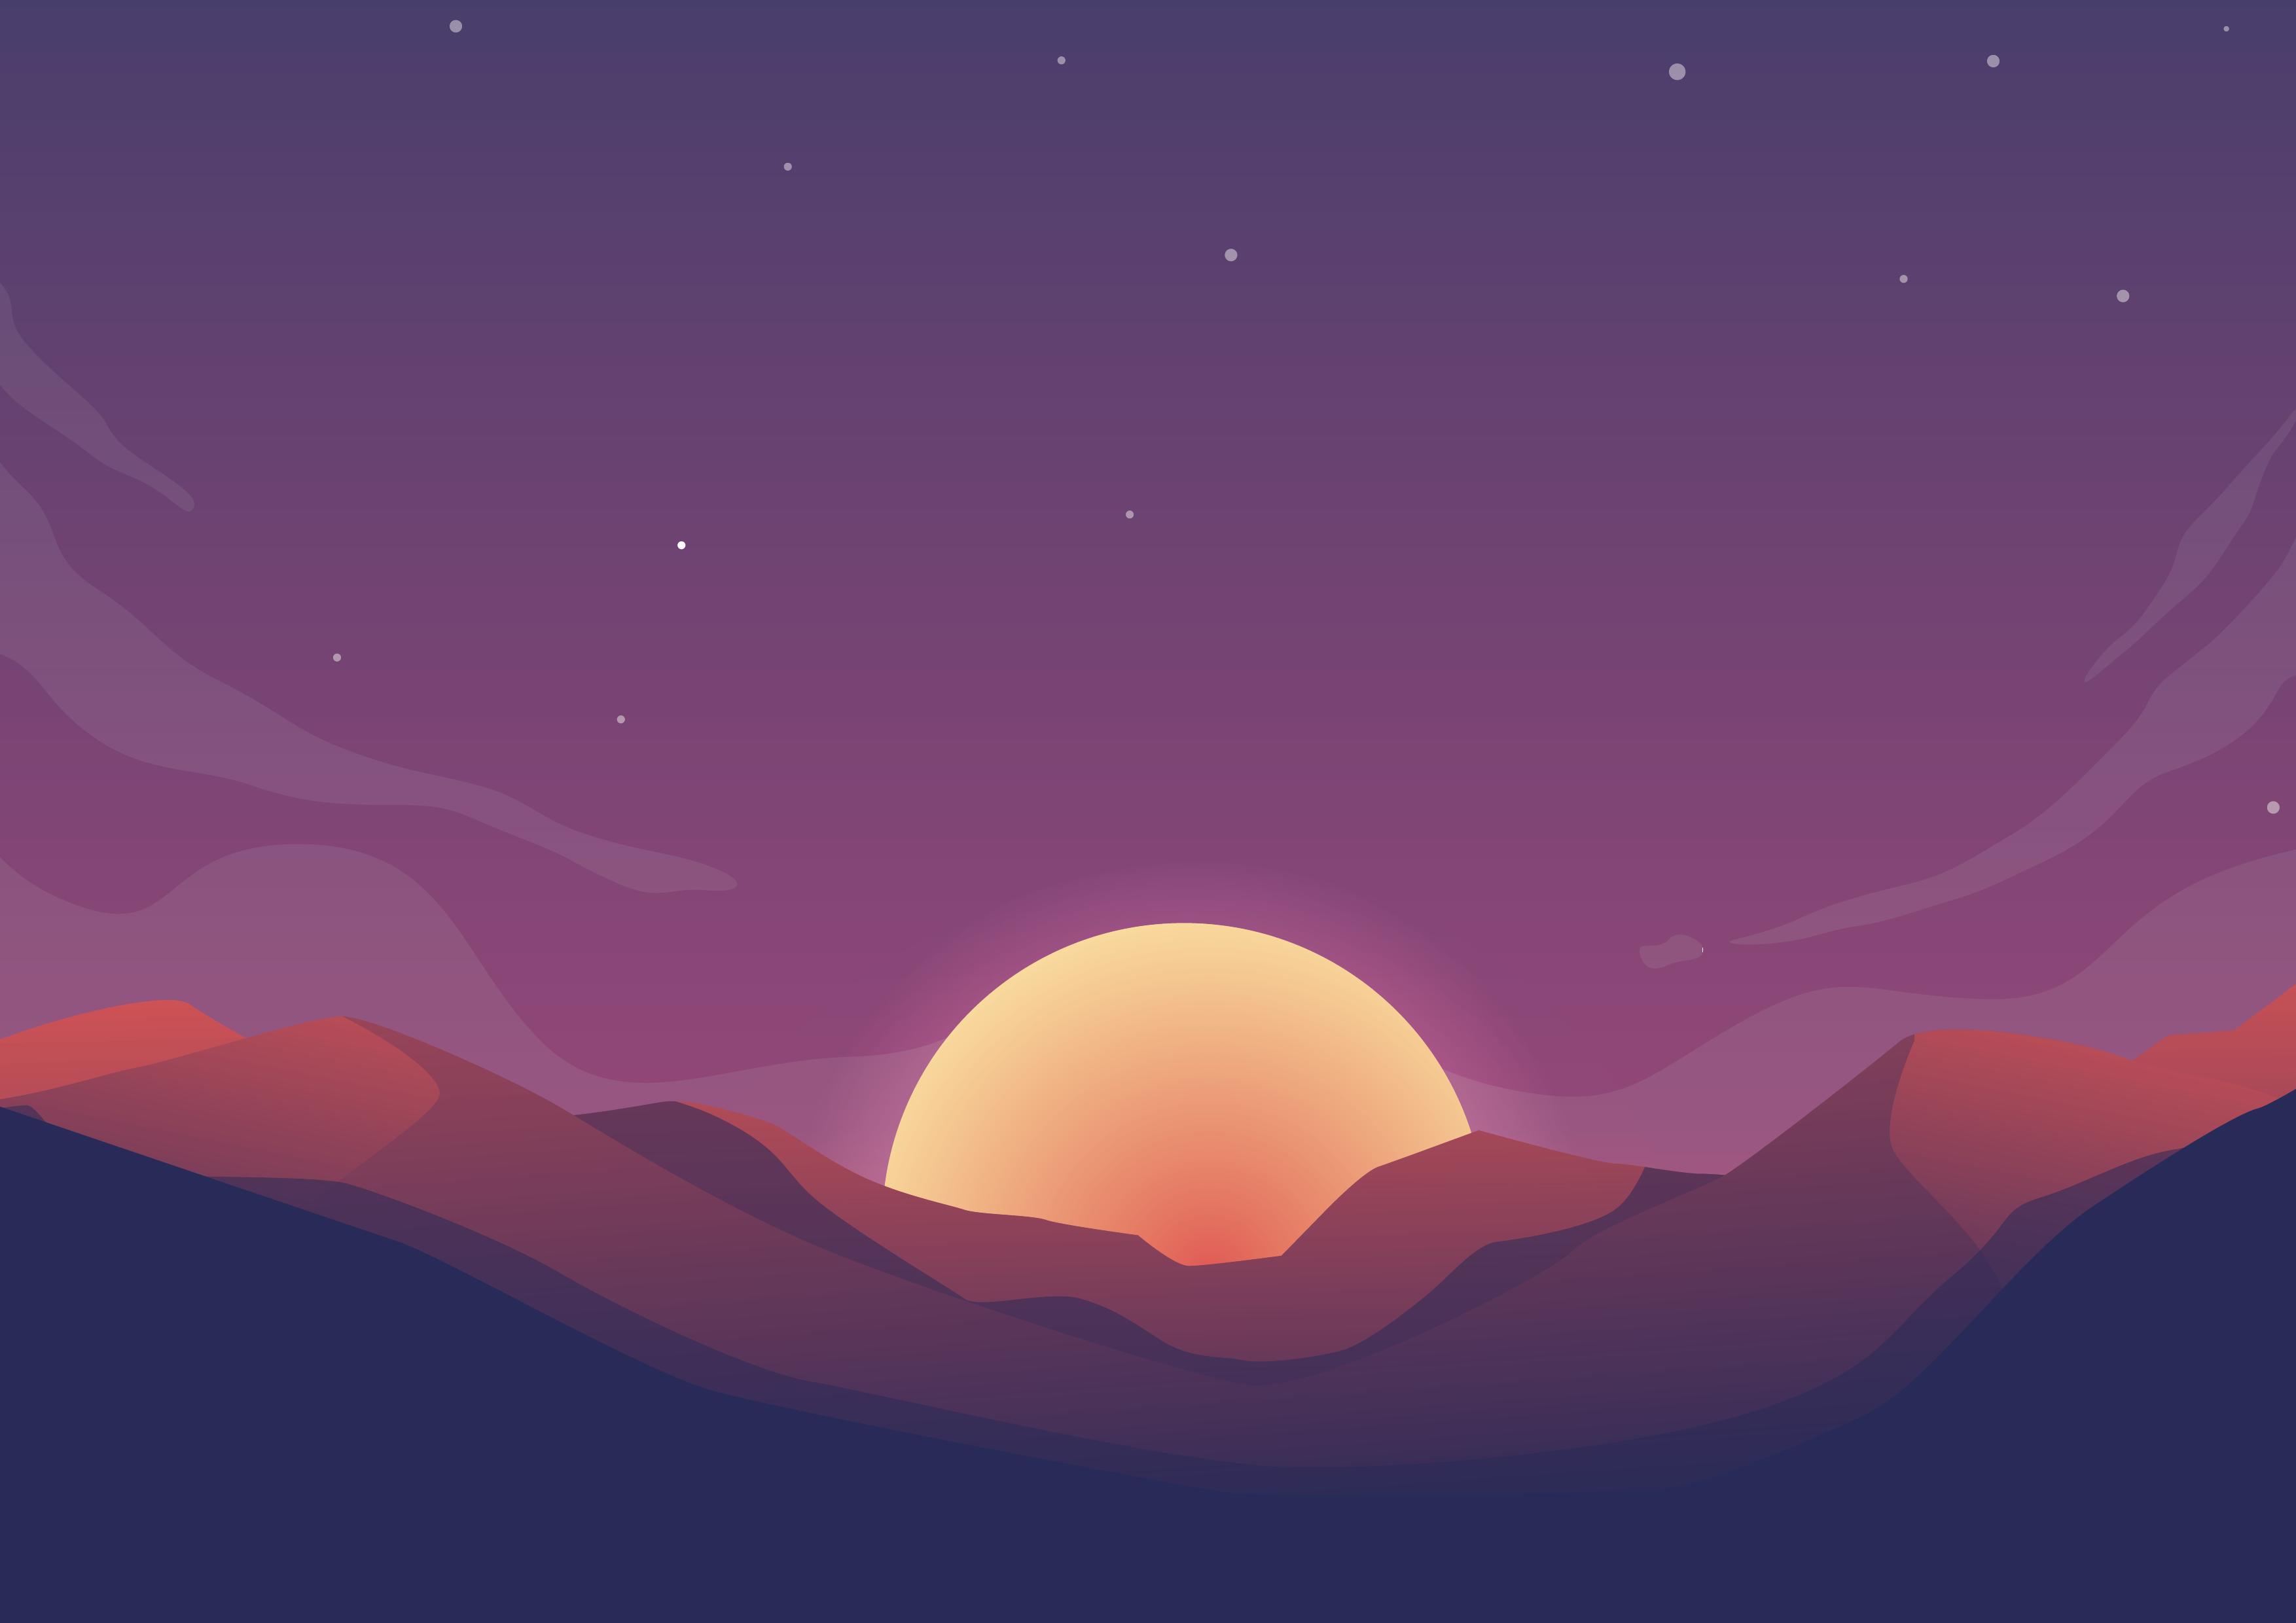 Hava Sunset